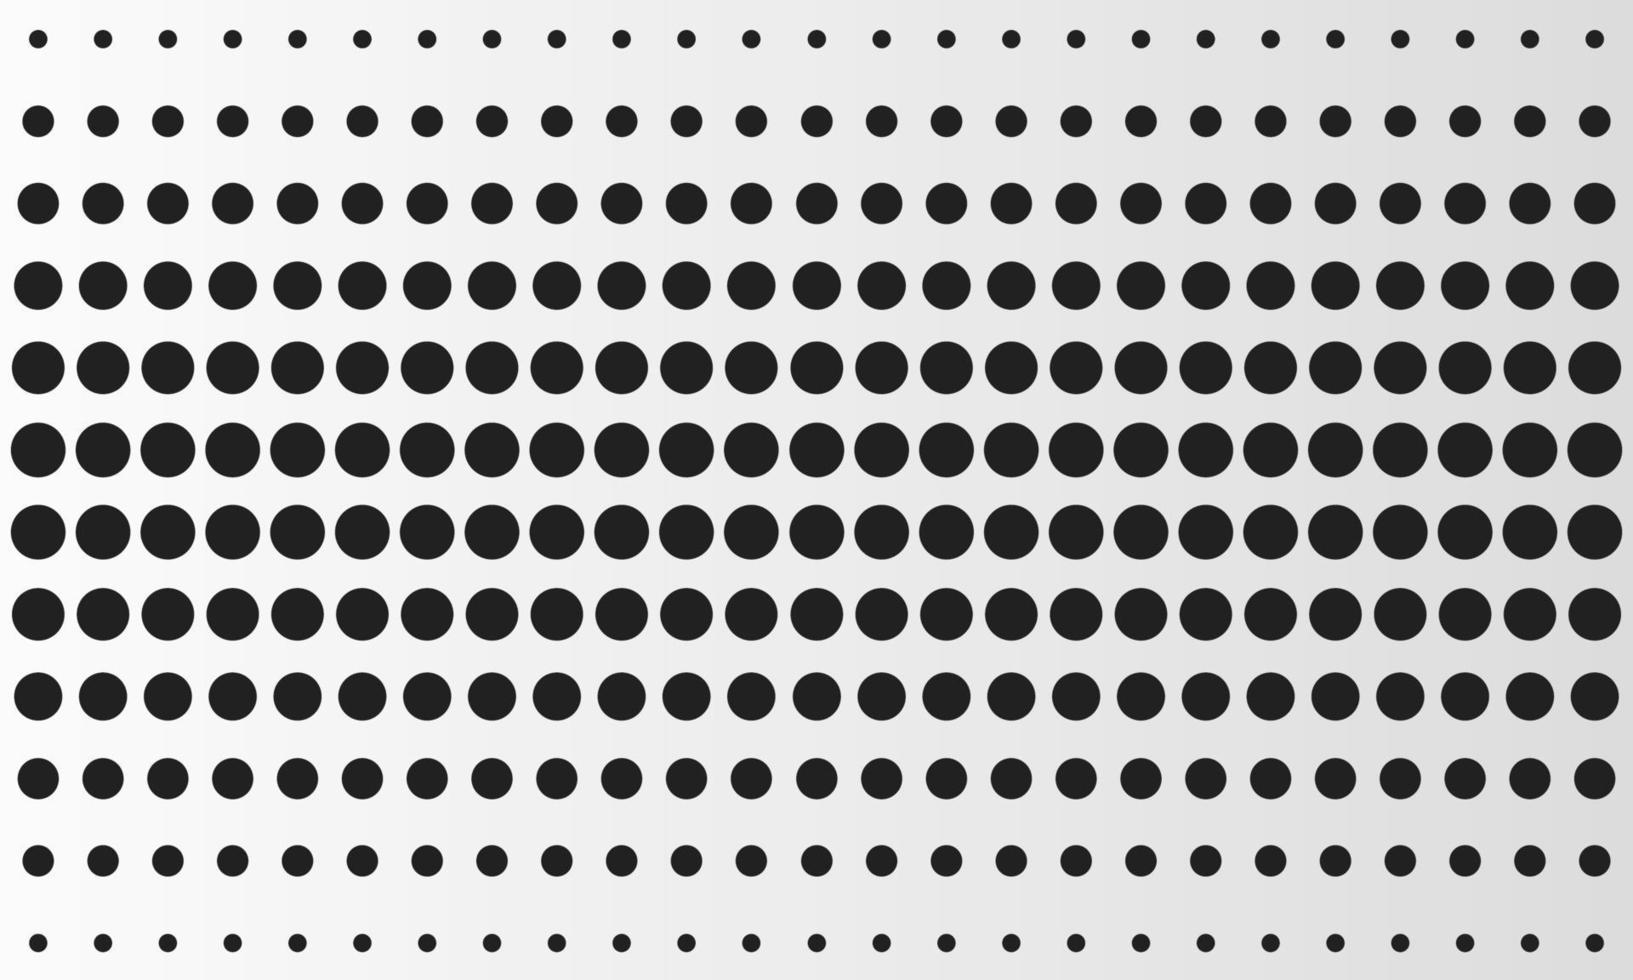 hermoso patrón de círculos geométricos vector